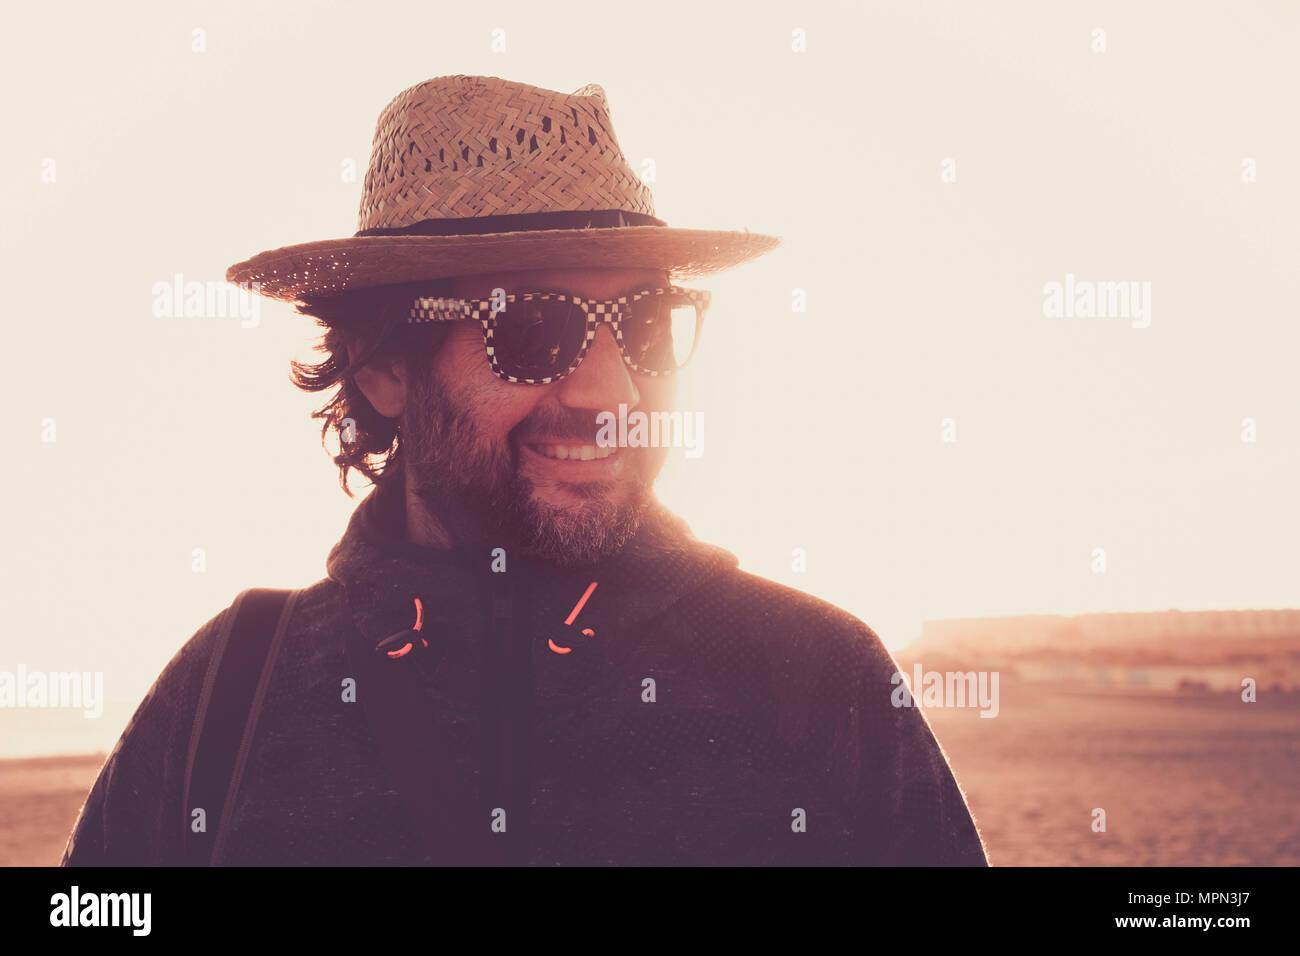 Lächeln Mann an seiner Seite in eine Wüste portrait Outdoor auf Teneriffa. Tragen Sie Hut und Sonnenbrille mit Hintergrundbeleuchtung. Stockbild